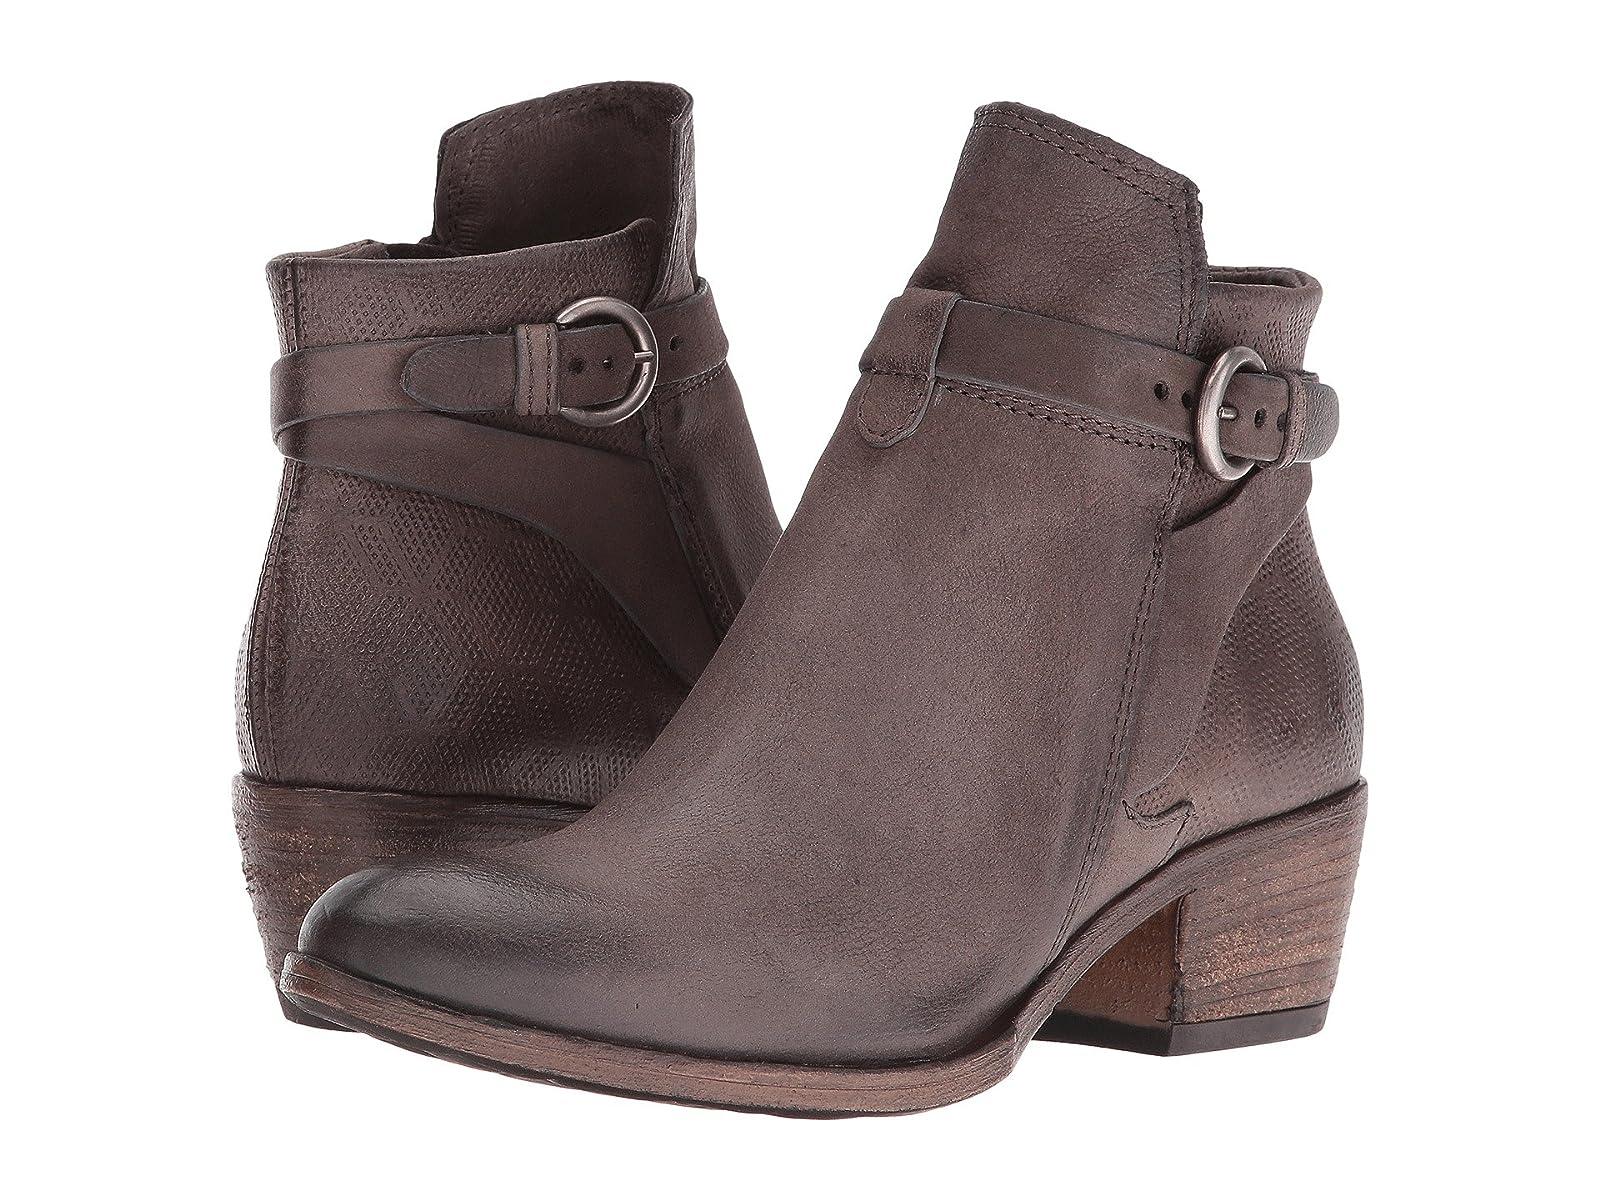 Miz Mooz DavisCheap and distinctive eye-catching shoes